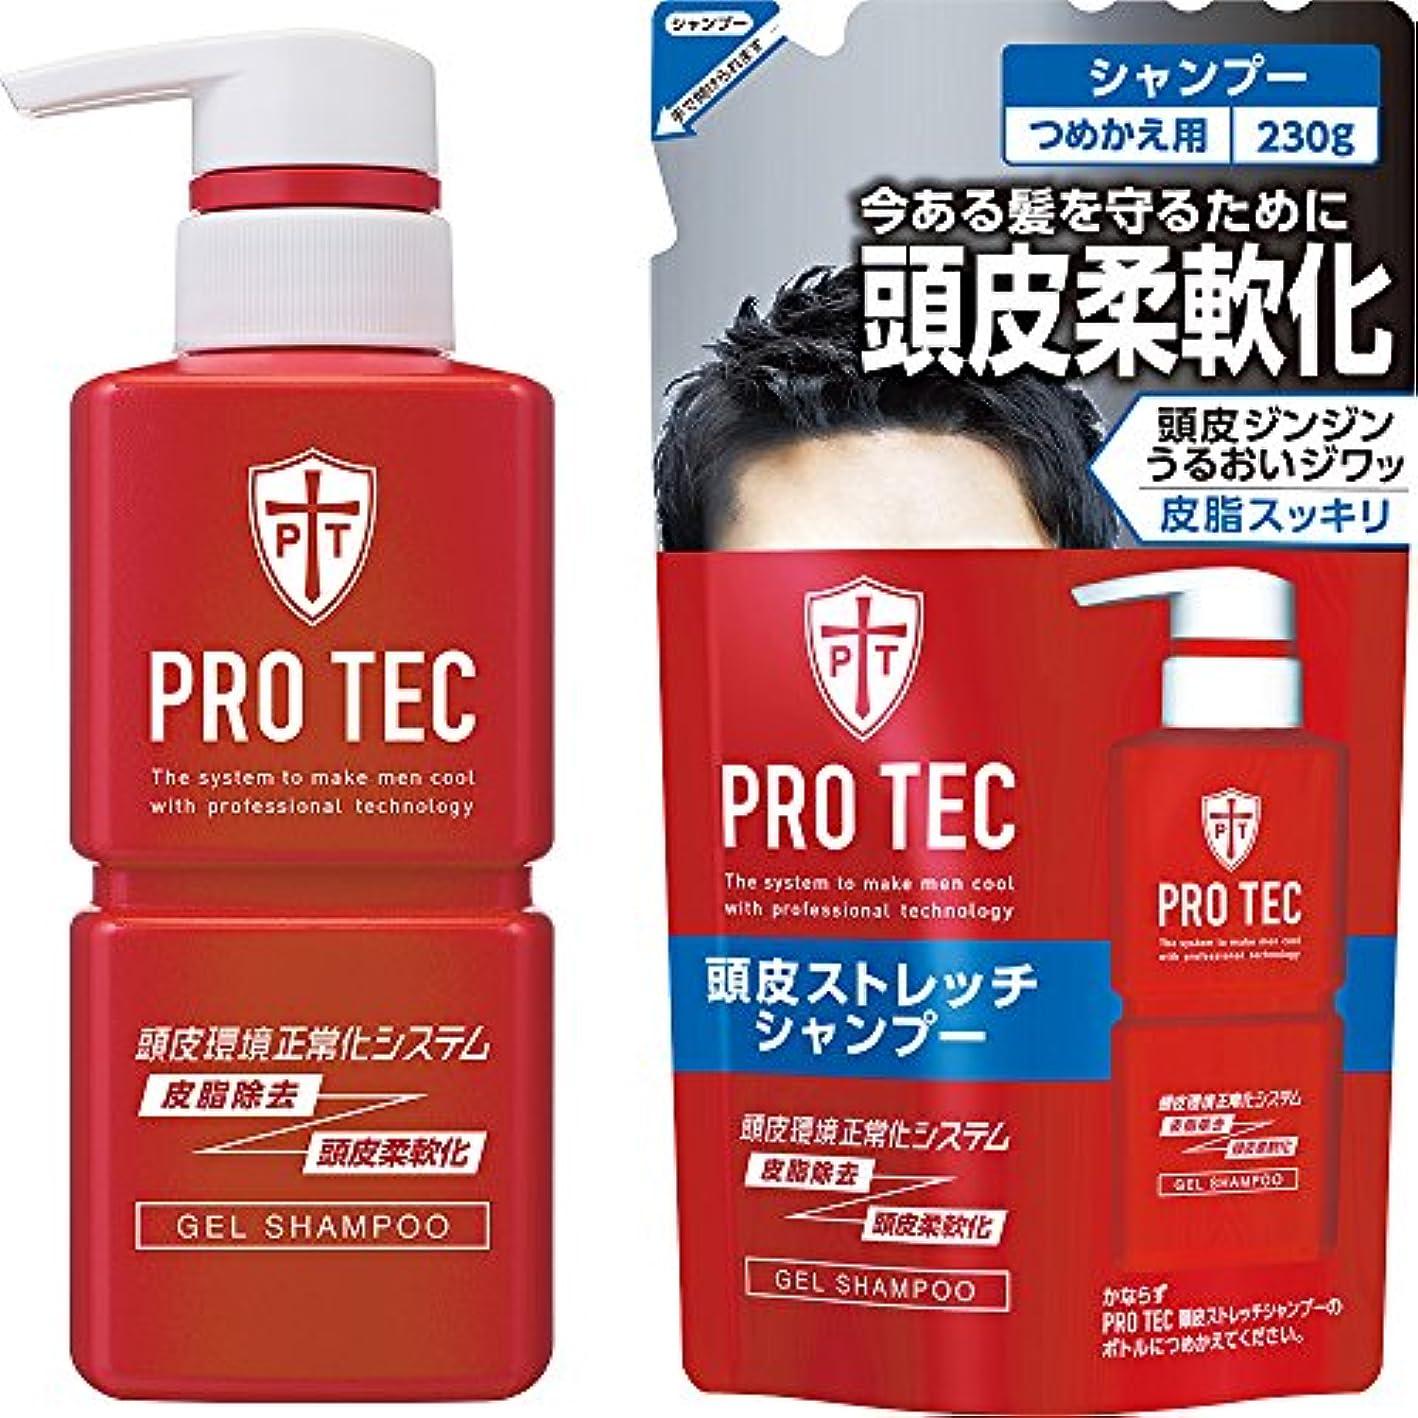 対処補体欠かせないPRO TEC(プロテク) 頭皮ストレッチシャンプー 本体ポンプ300g+詰め替え230g セット(医薬部外品)